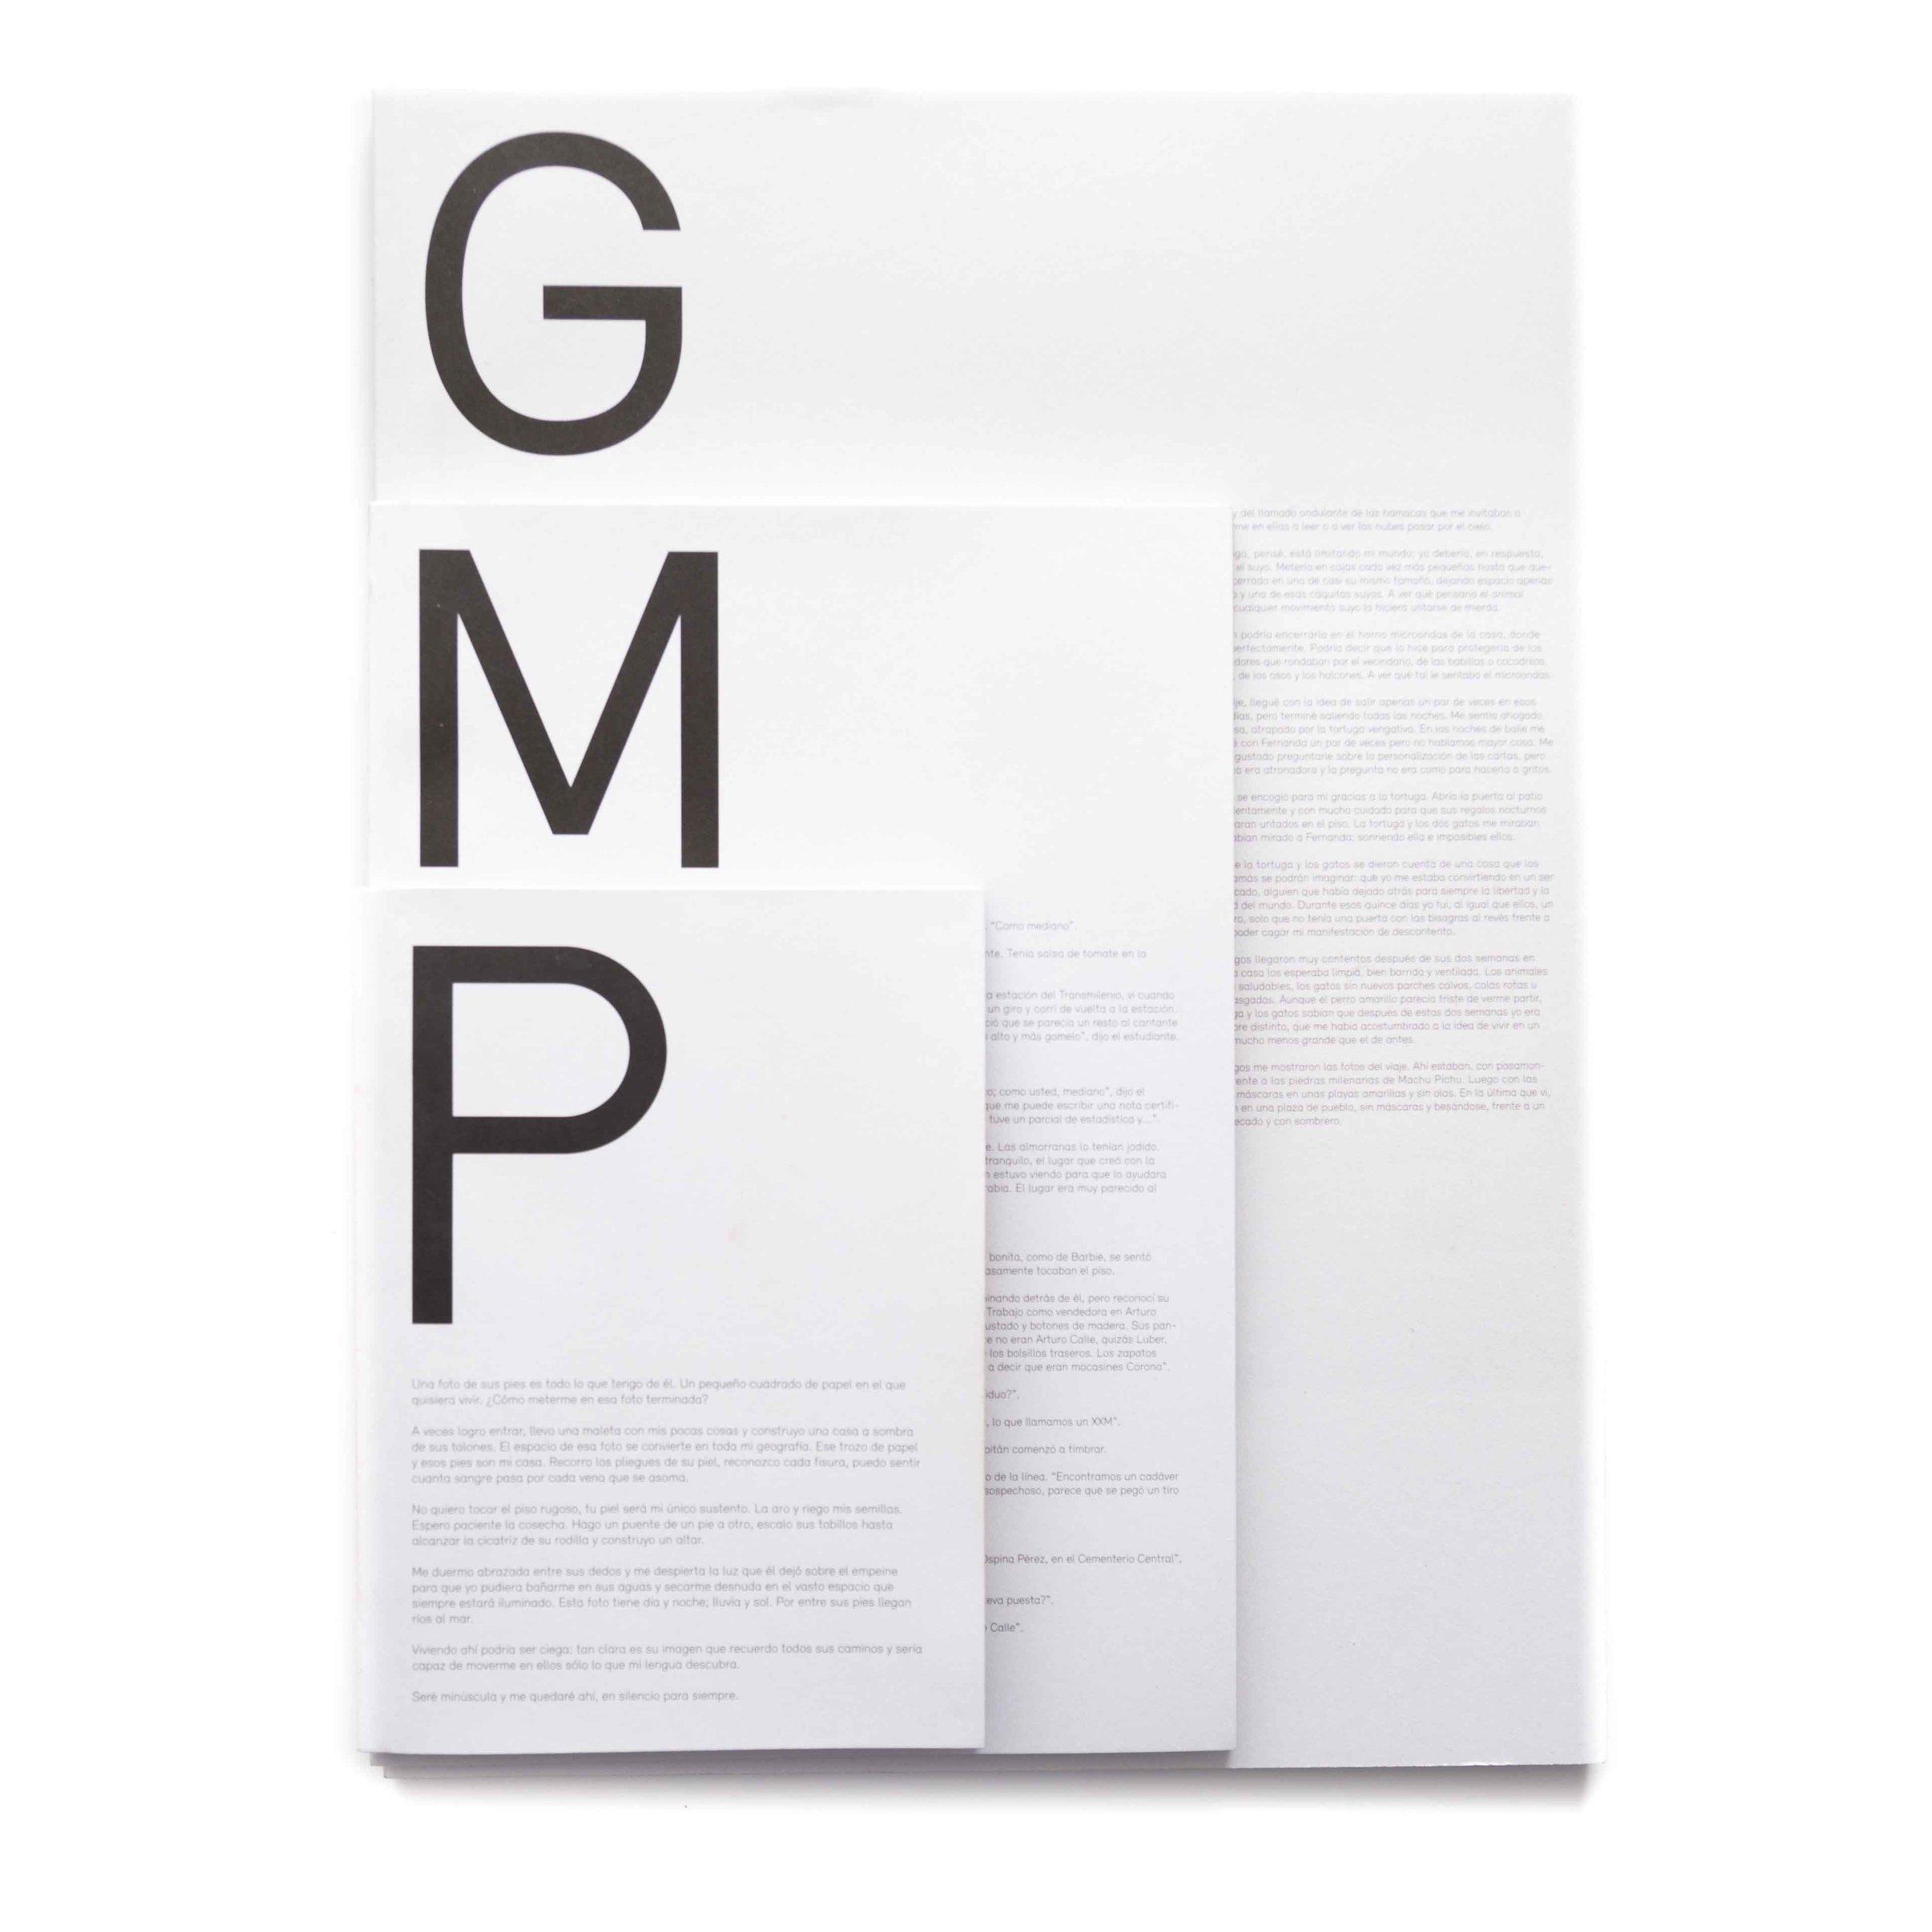 GMP - Fotolibros Colombianos  - Varios Autores-8697-01.jpg